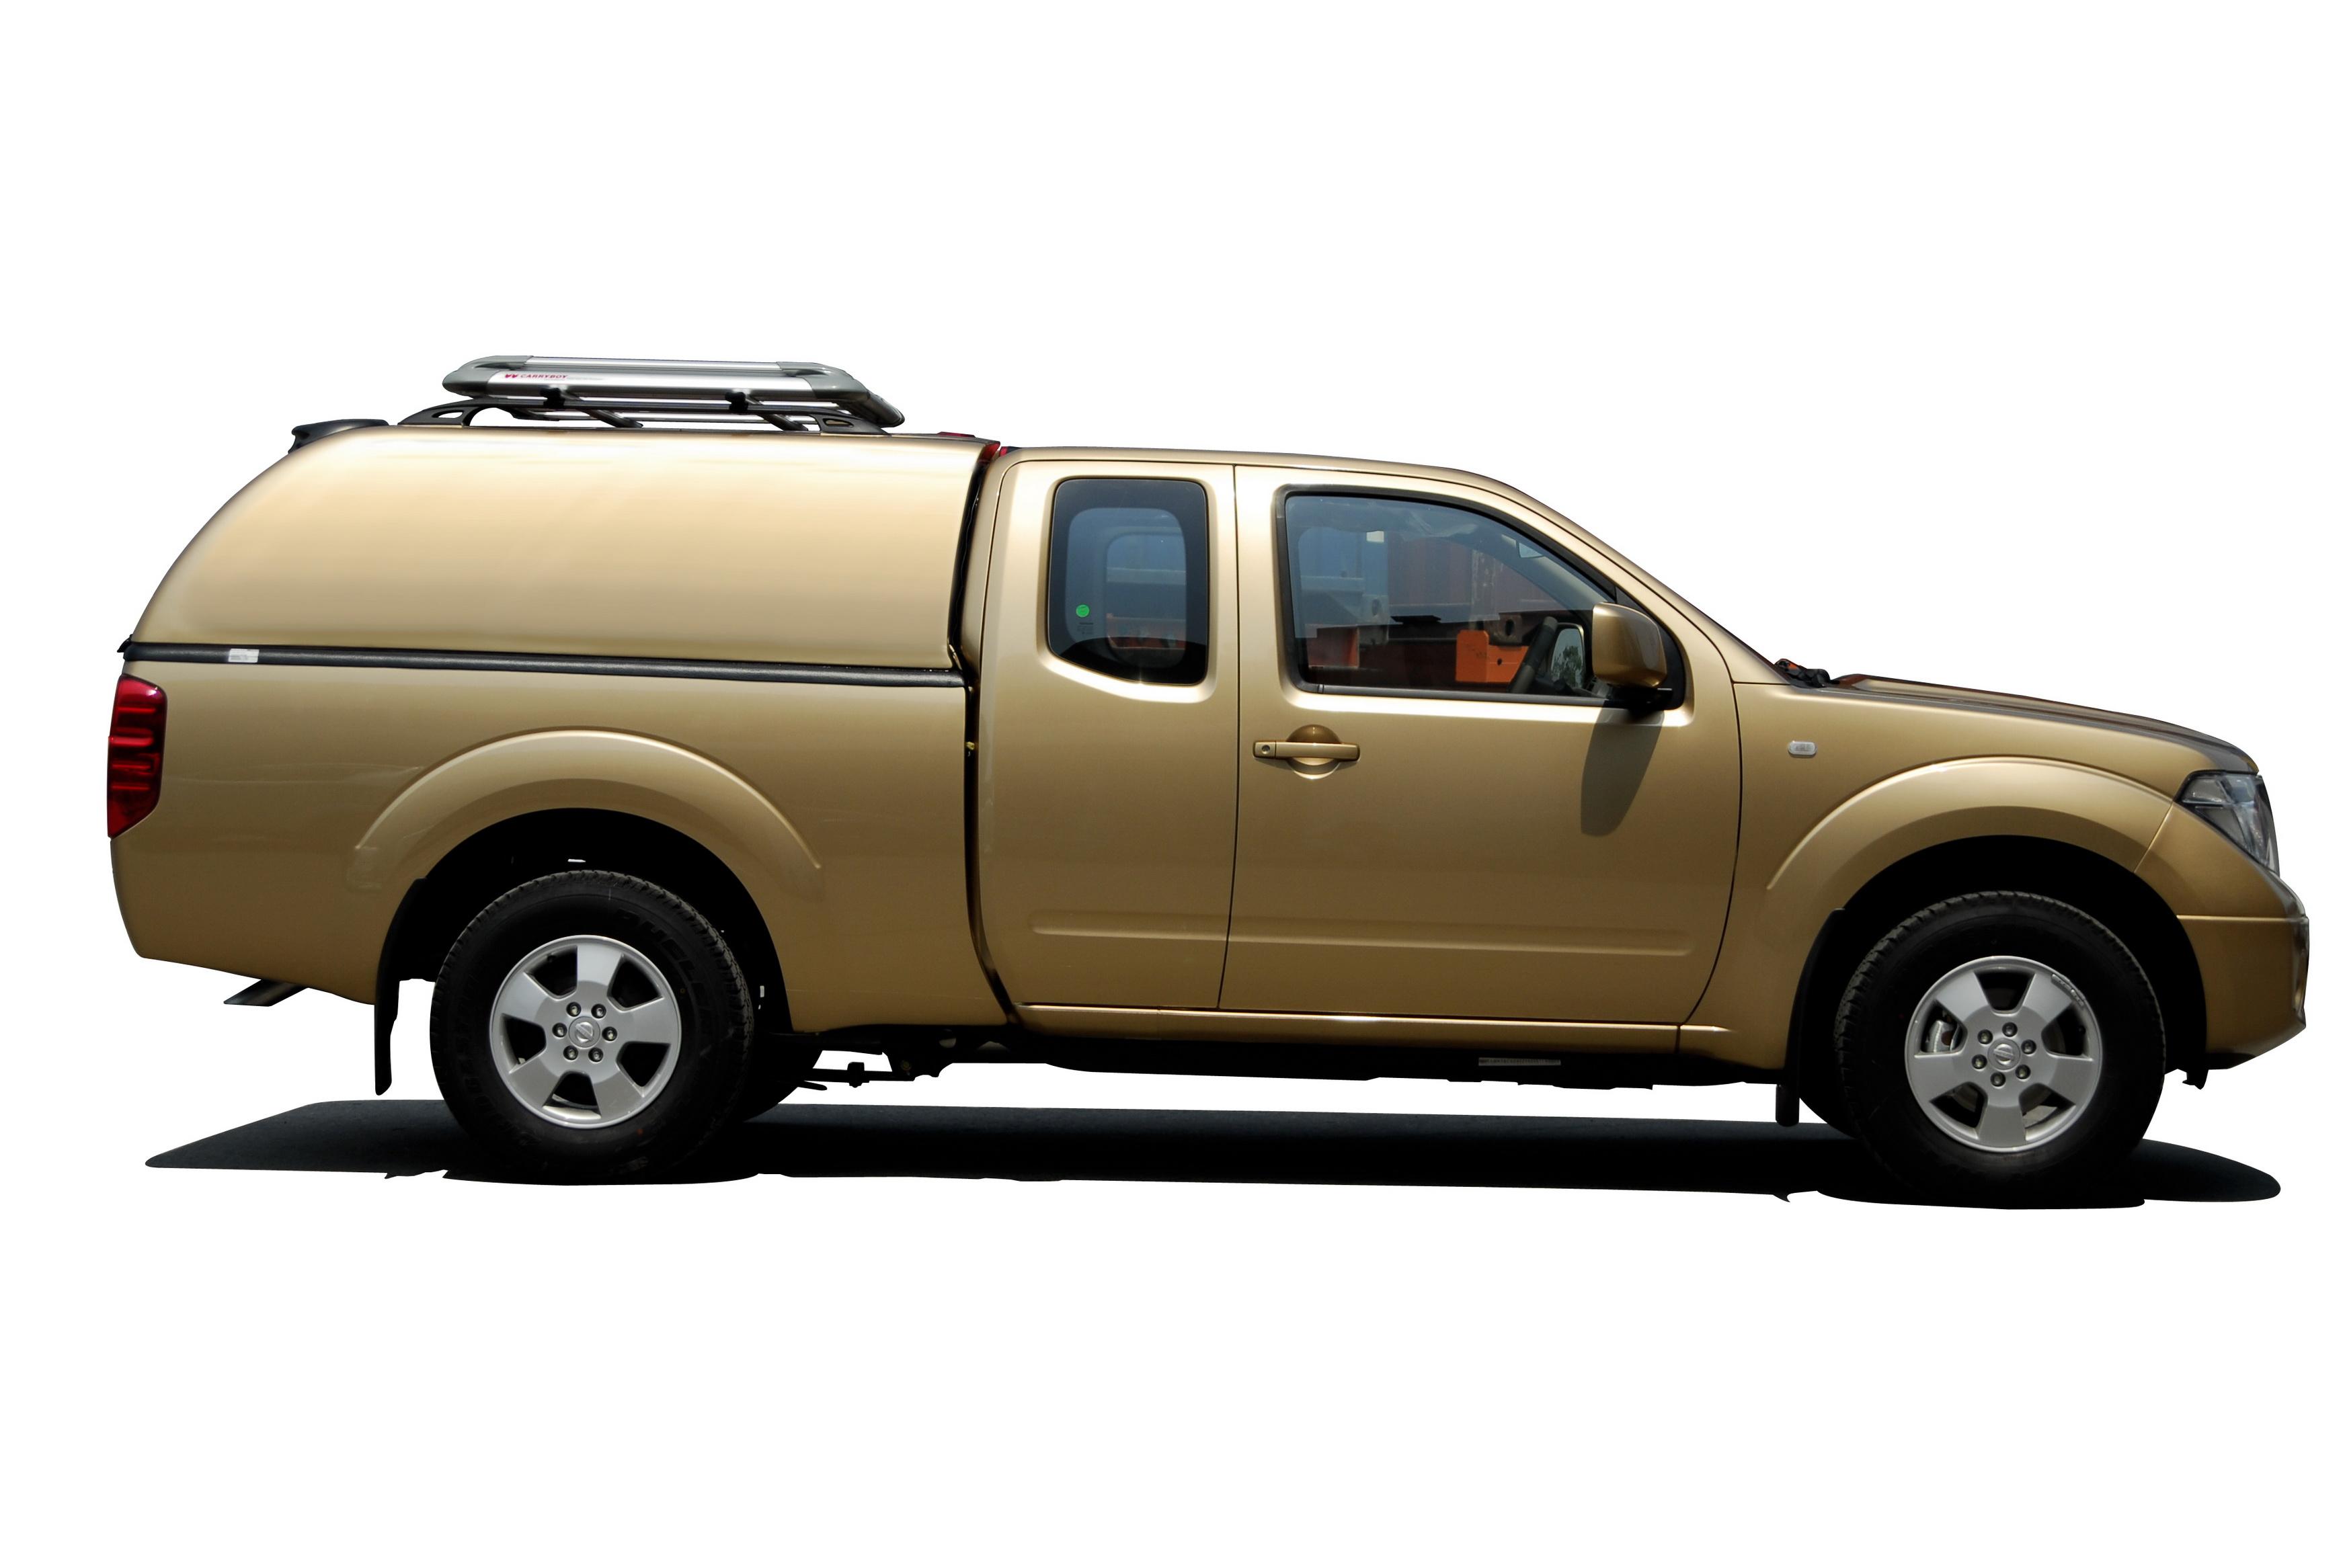 Carryboy Hardtop 560 für Nissan Navara King Cab ohne Seitenfenster